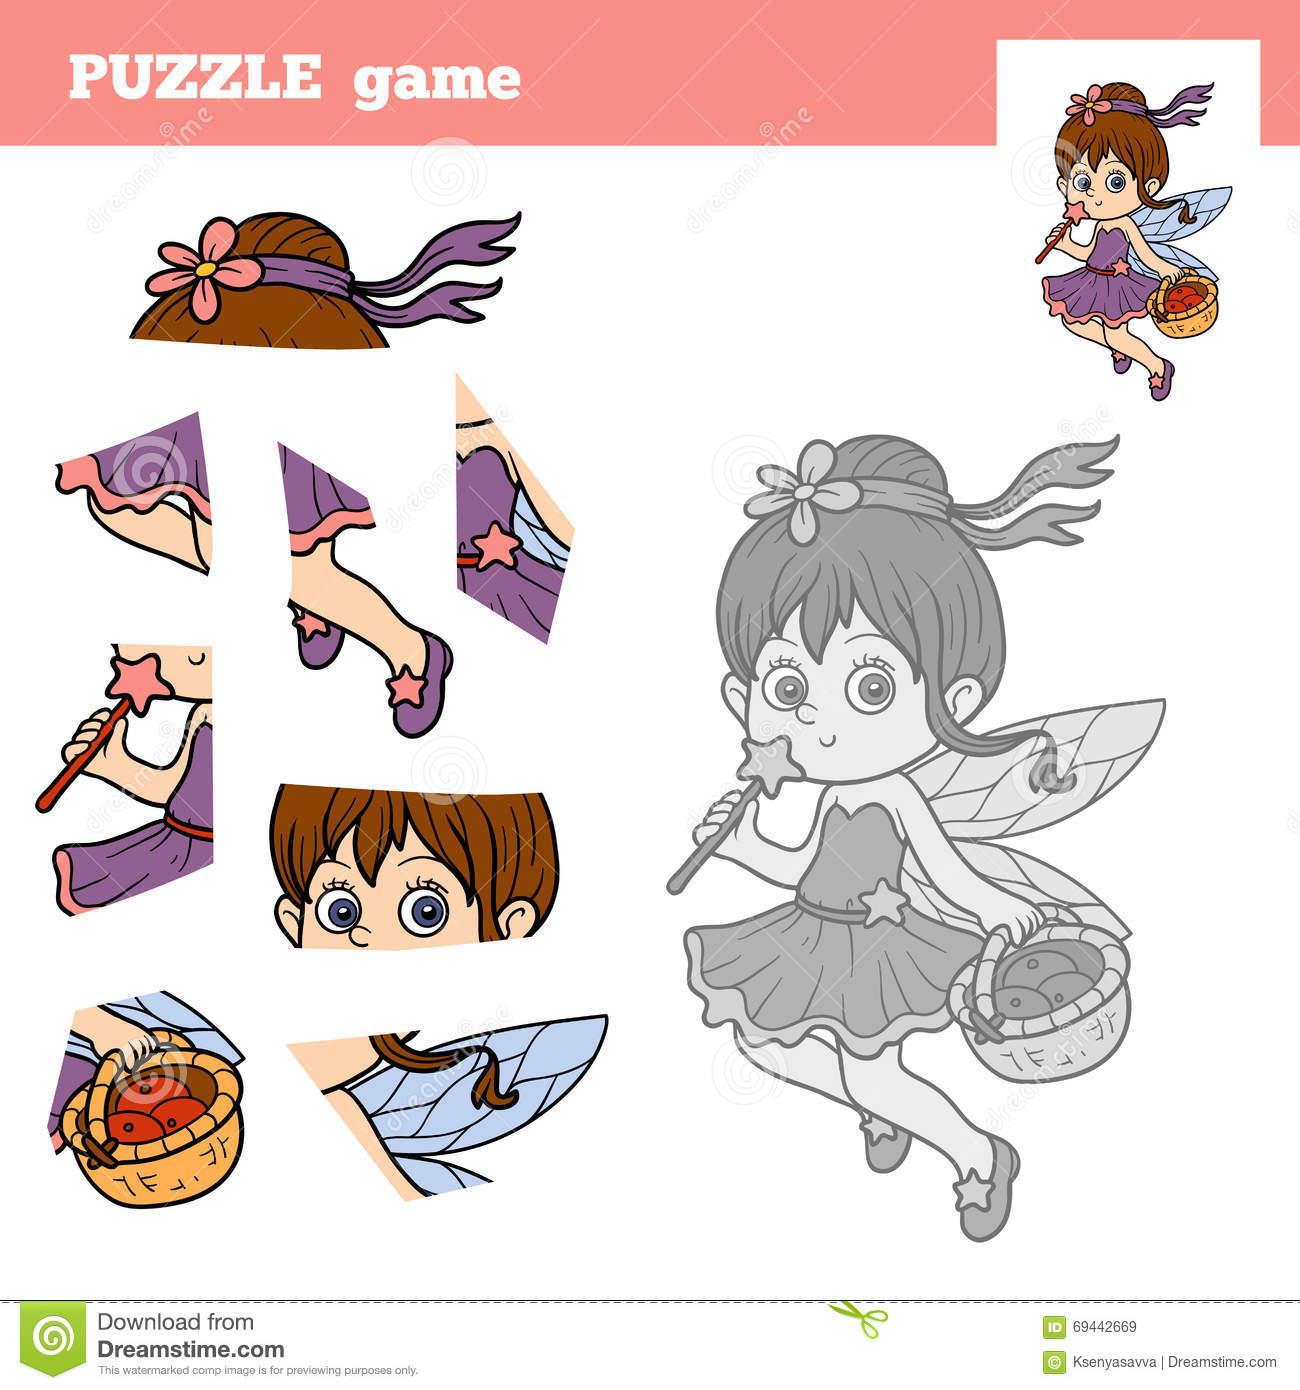 Jeux De Puzzle De Fee Telecharger | Denmonasse.ml serapportantà Jeux De Puzzle Pour Enfan Gratuit